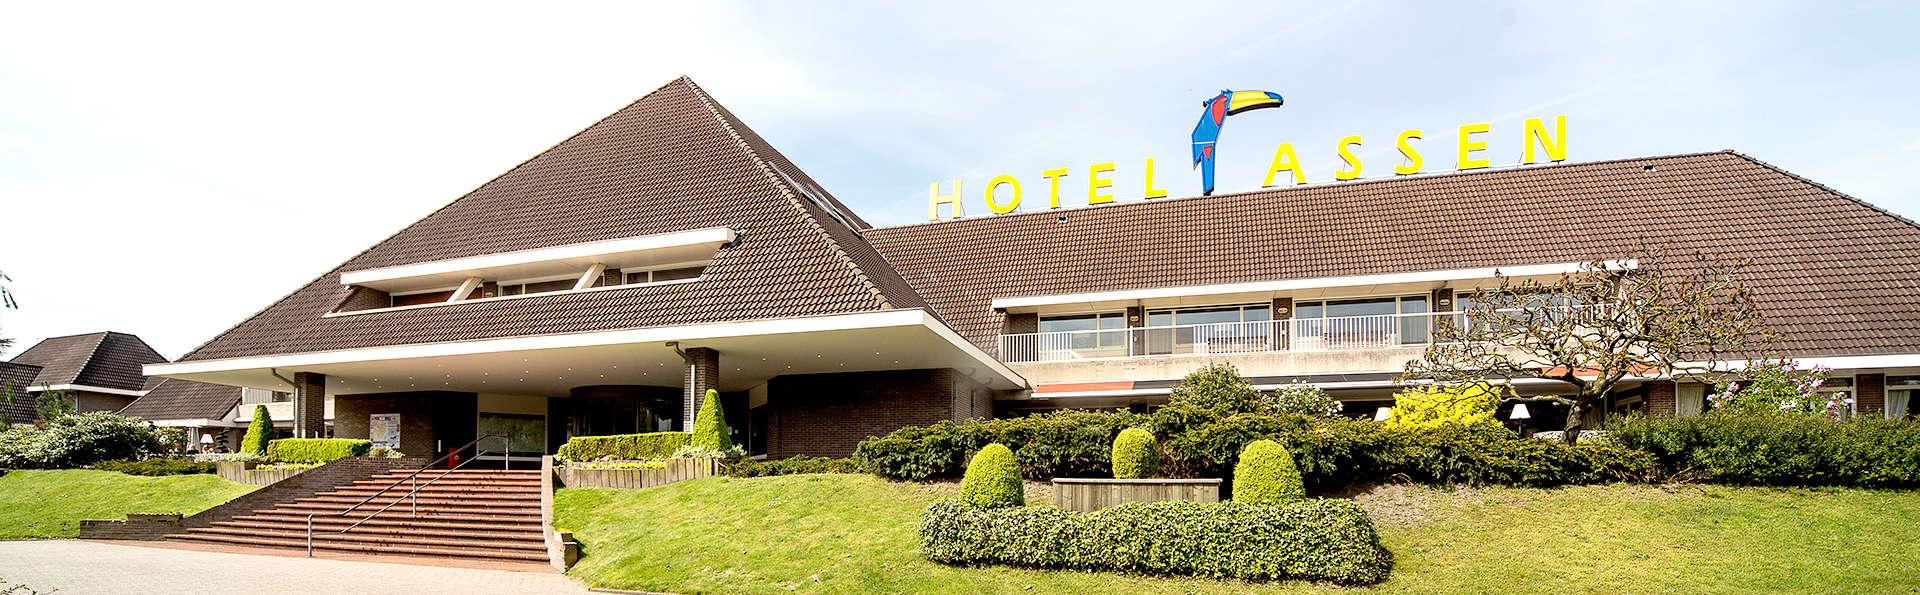 Hotel aanbiedingen, valk, voordeel 3 2 deal bij, van der Valk! Van der Valk aanbiedingen bij HotelSpecials!